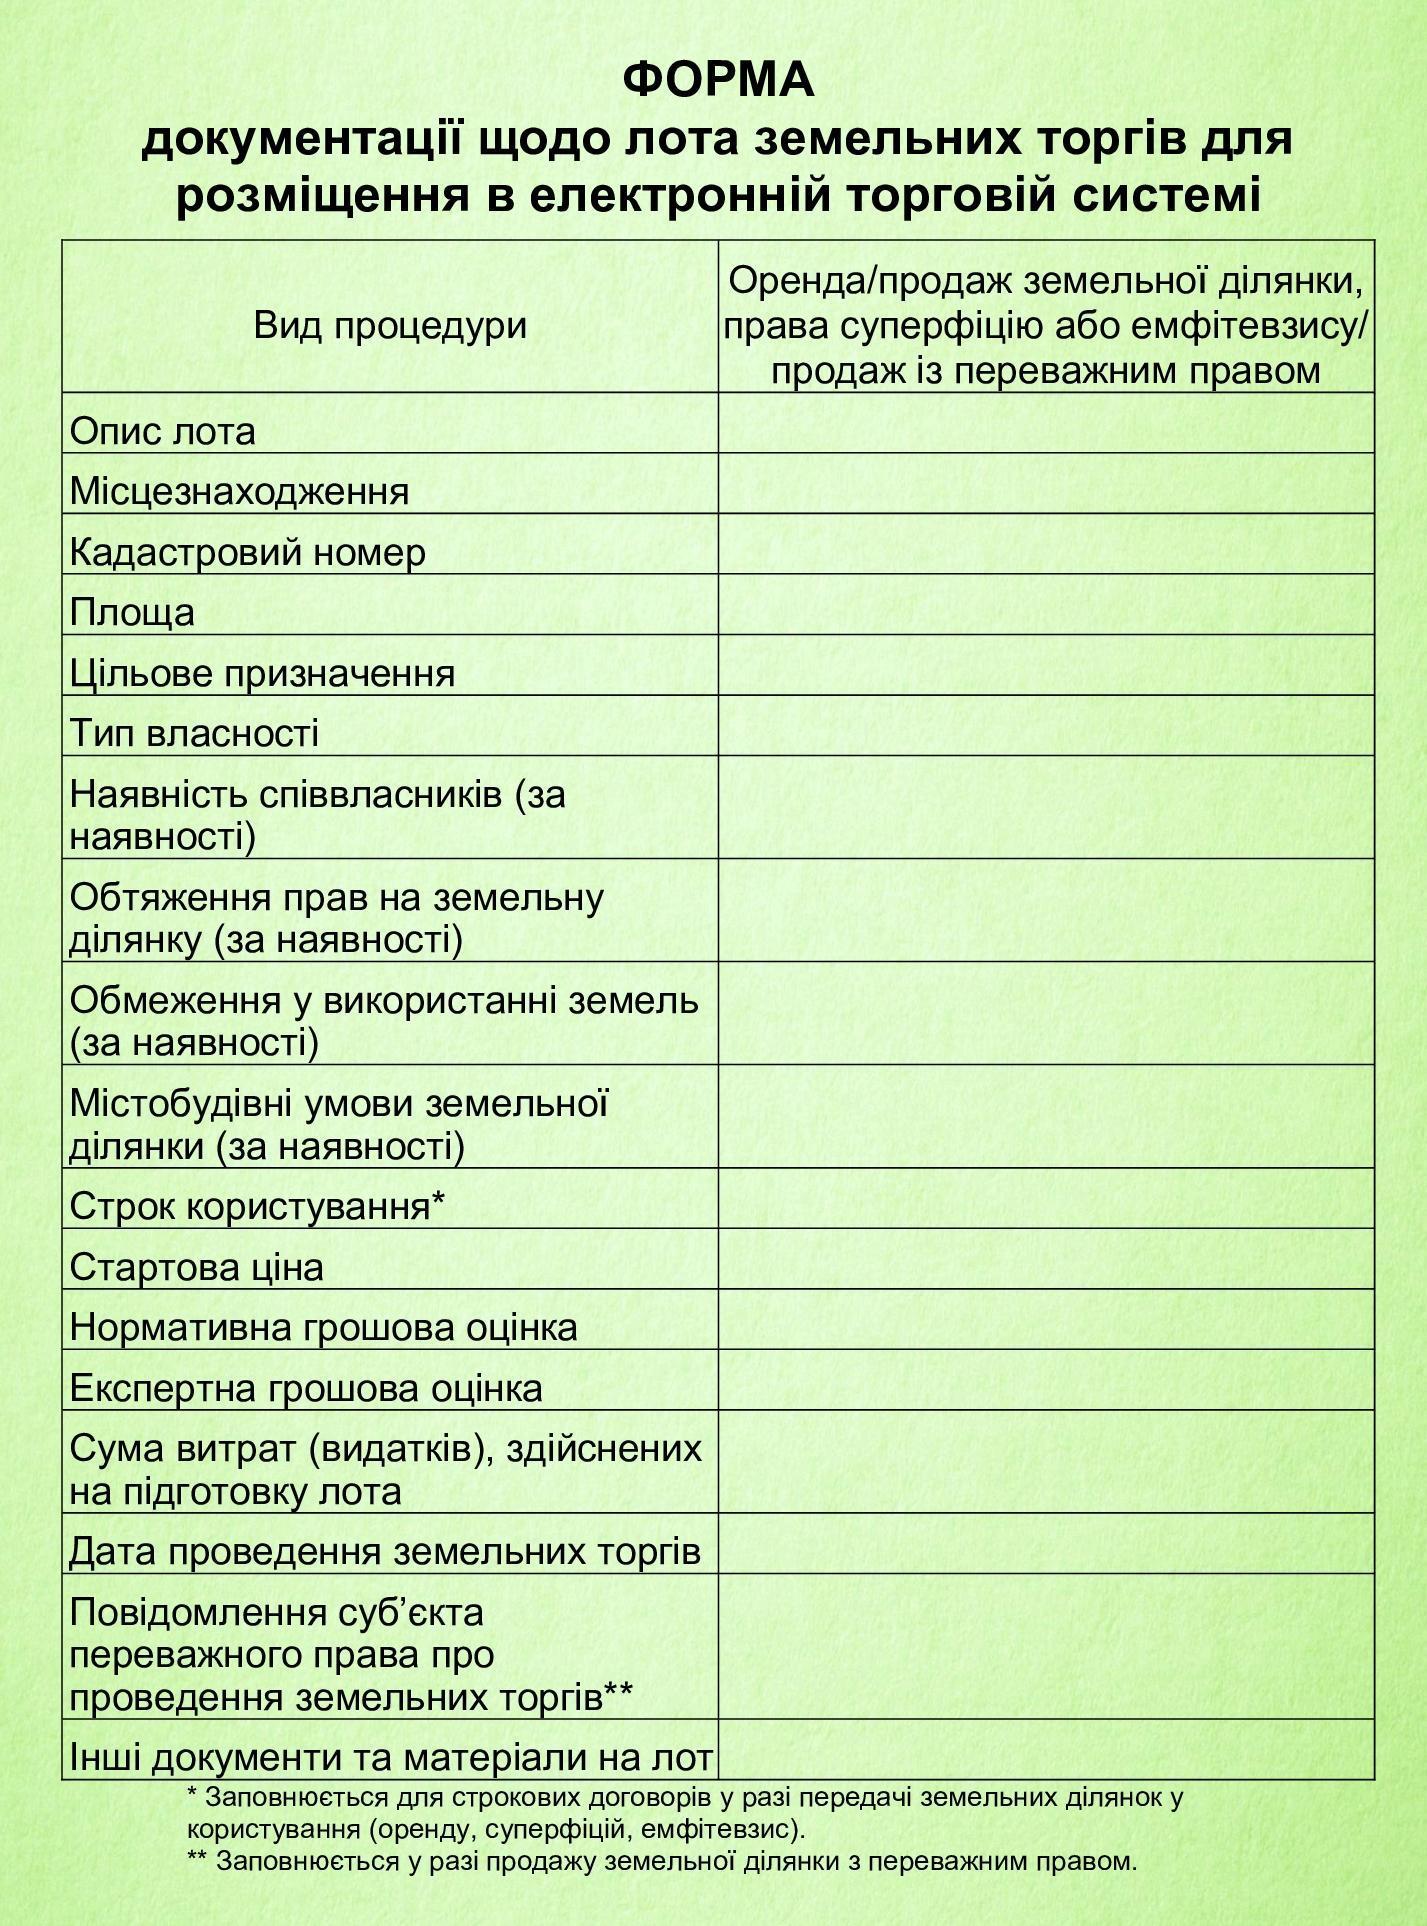 форма документу для лота земельних торгів